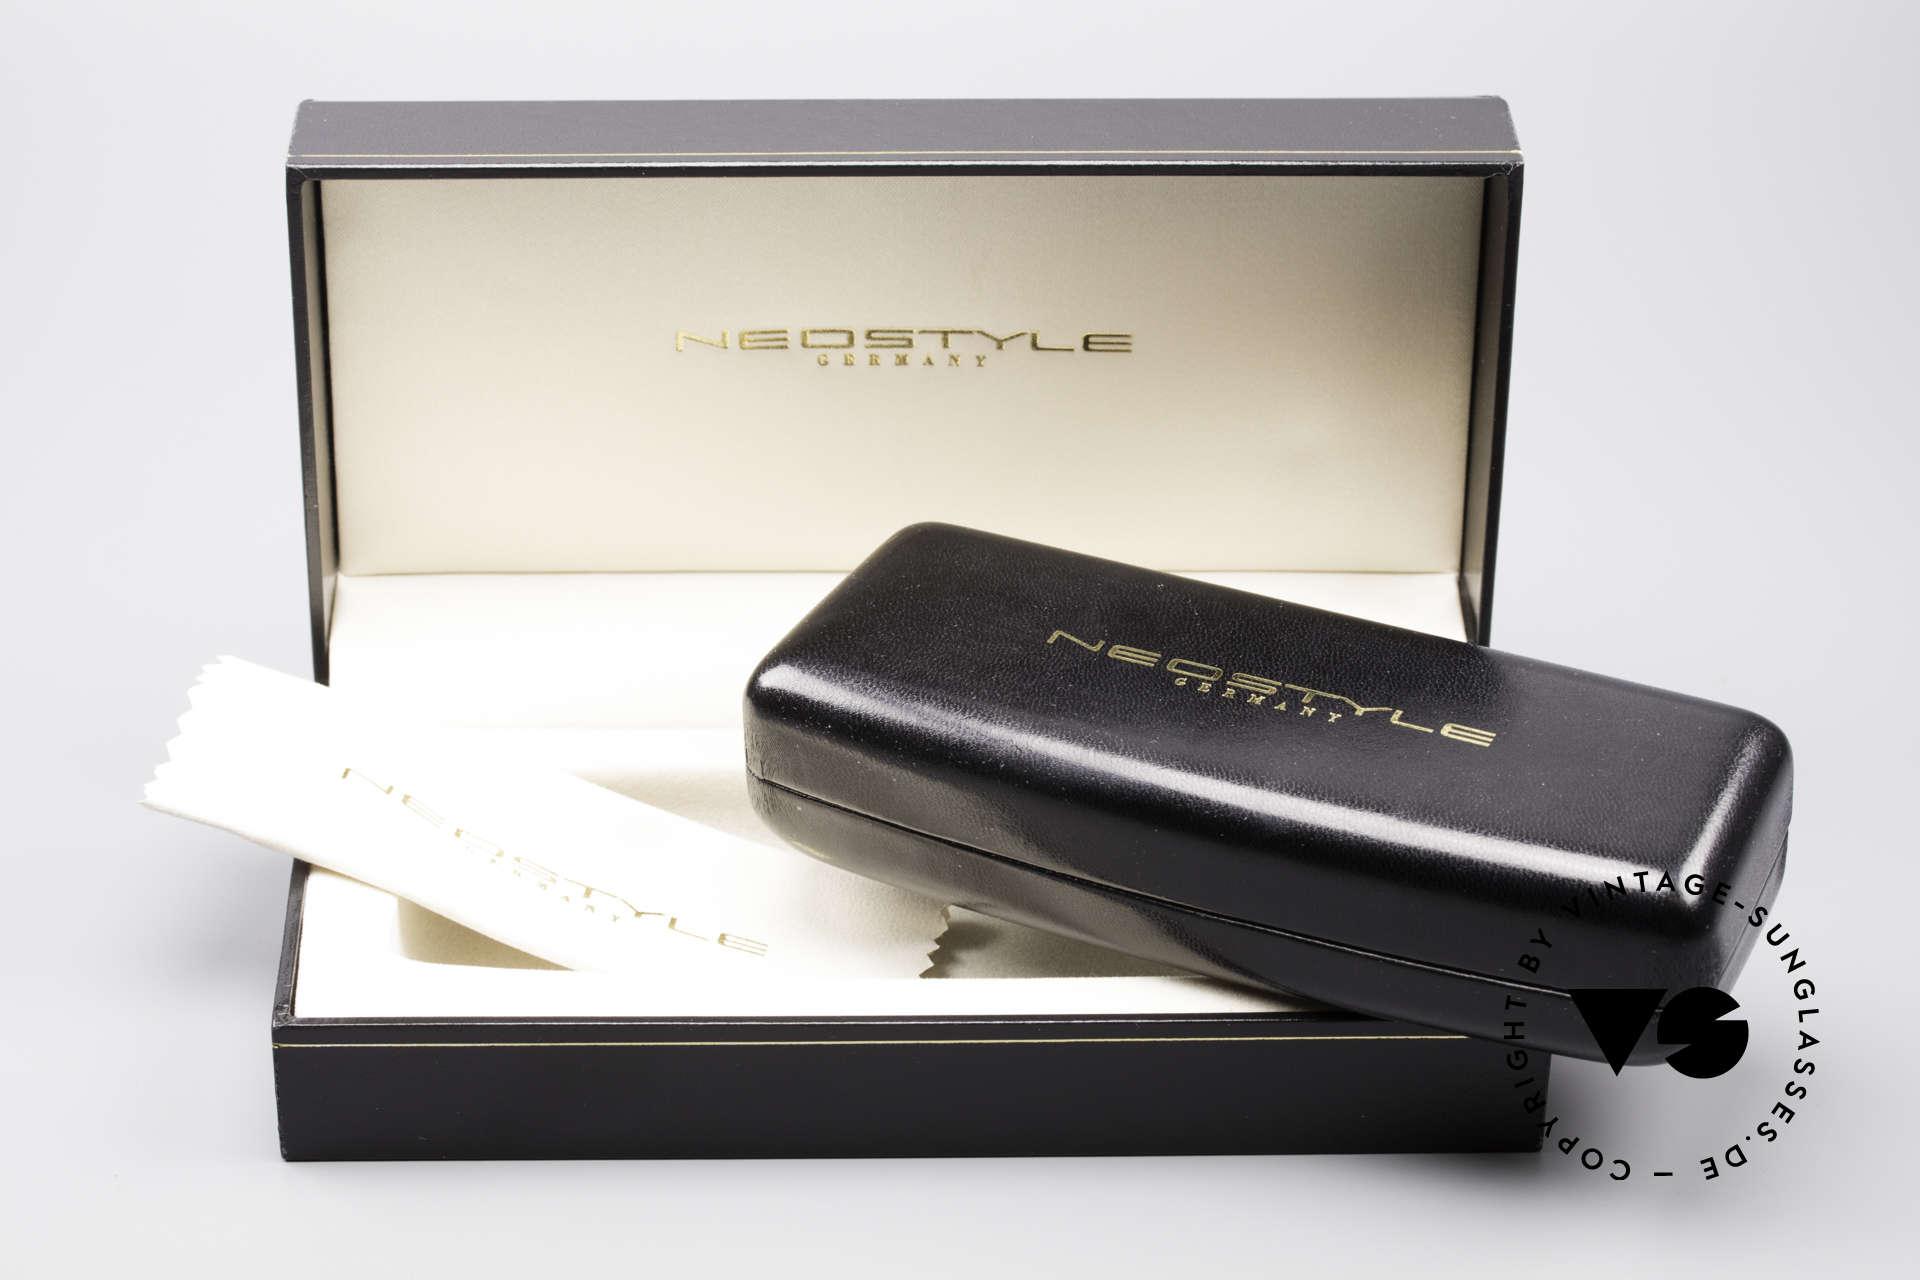 Neostyle Jet 230 80er Vintage No Retro Brille, Größe: medium, Passend für Herren